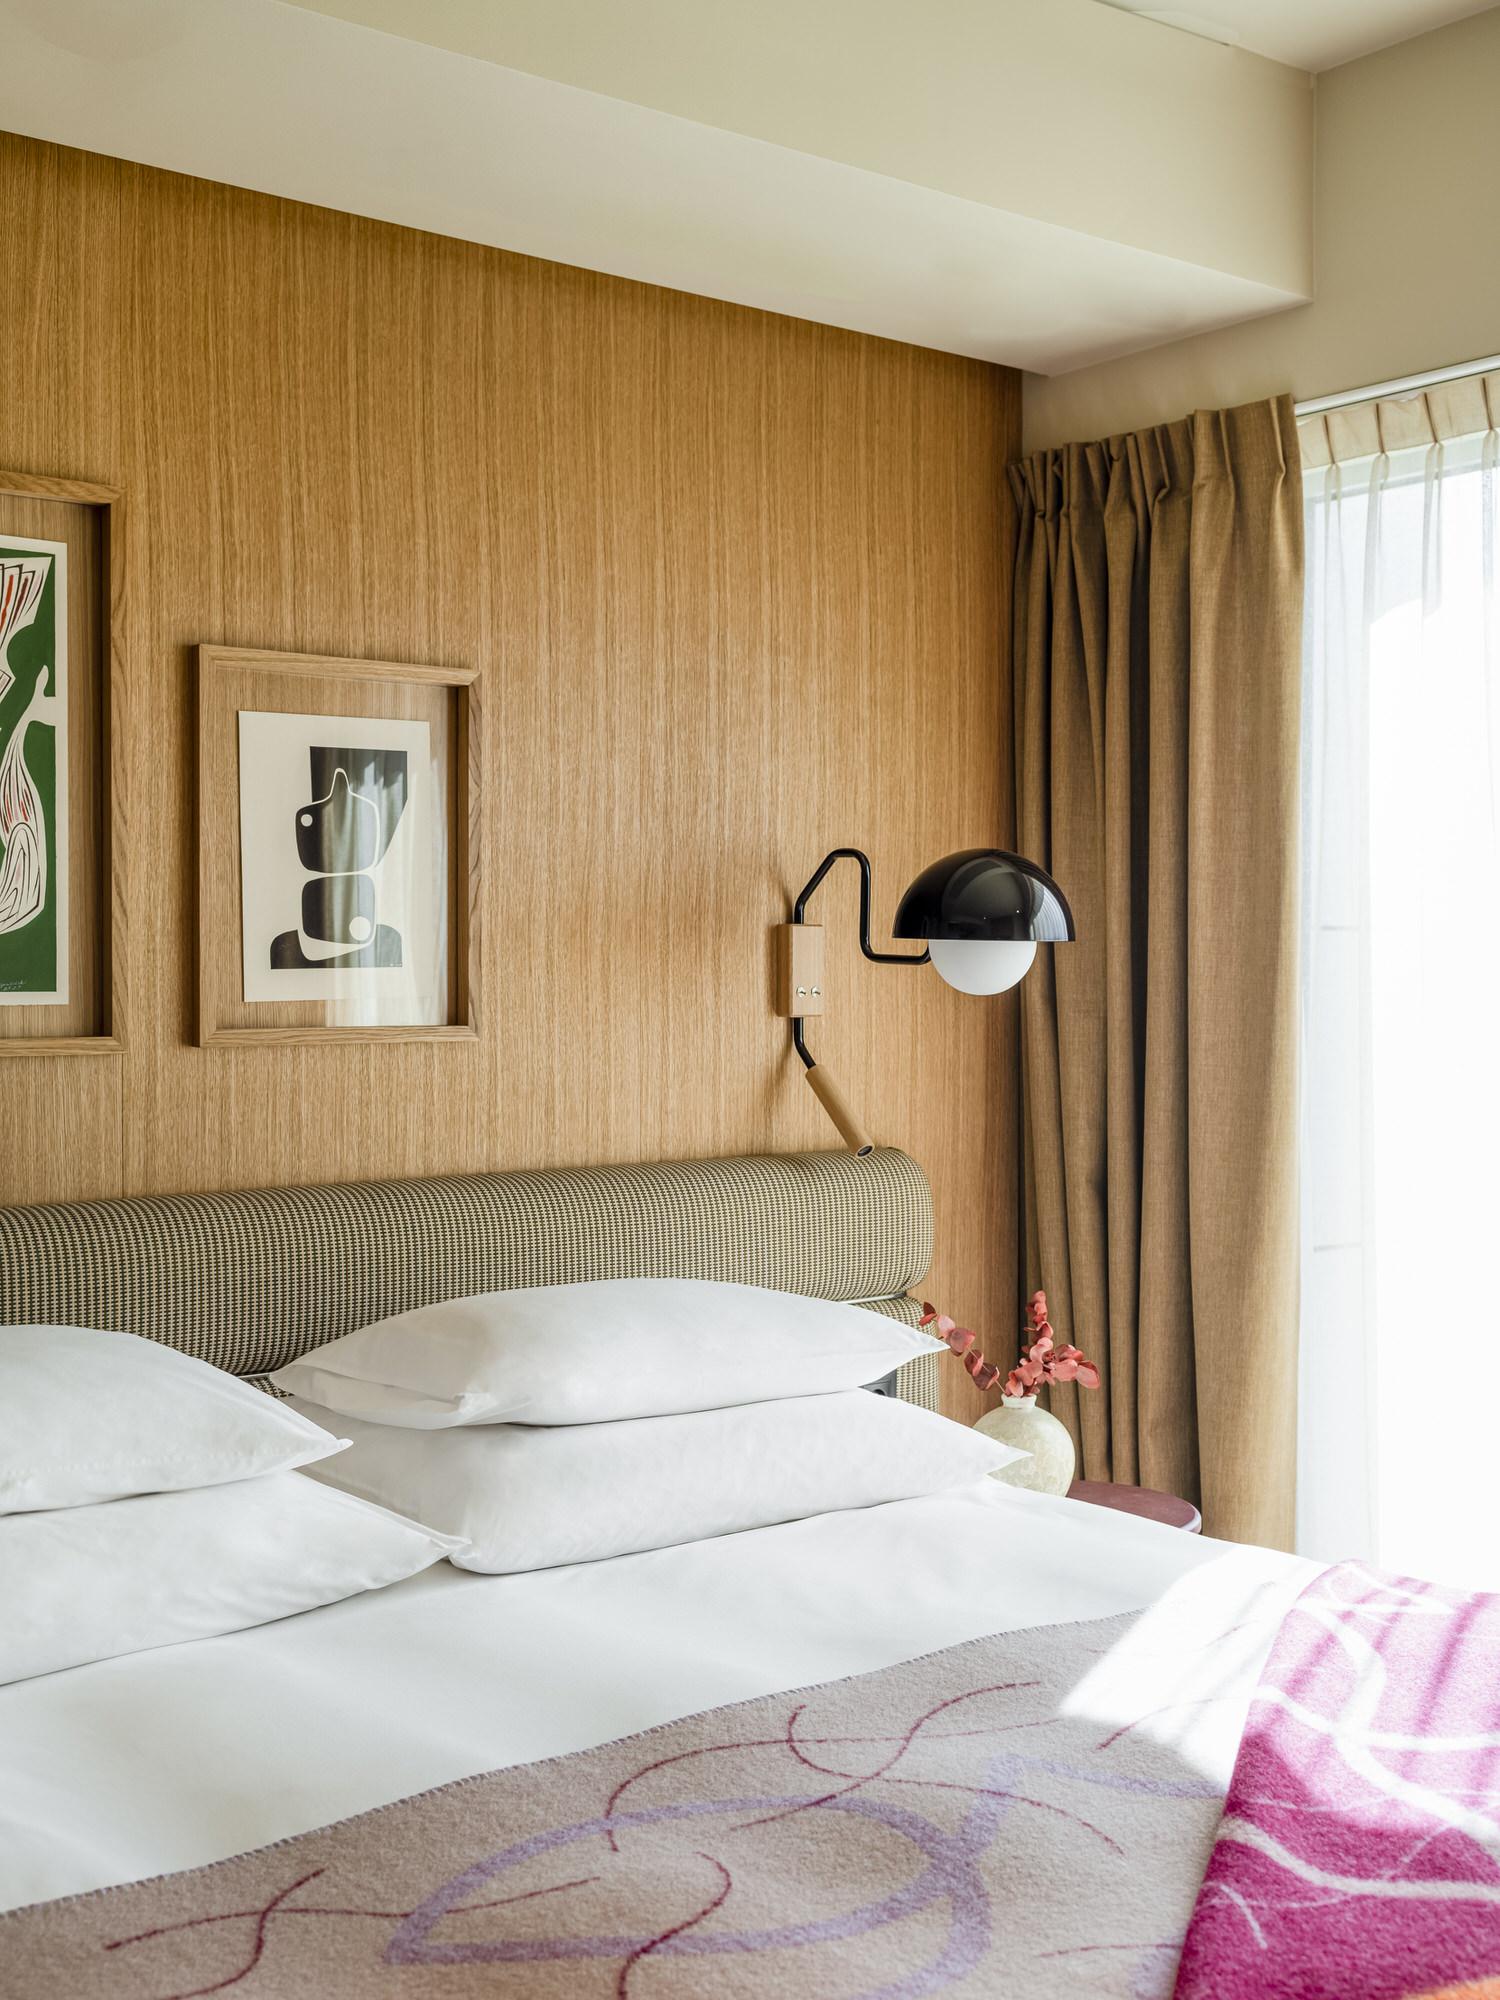 Paradowski Studio Puro Hotel Krakow Photo Pion Studio Yellowtrace 40